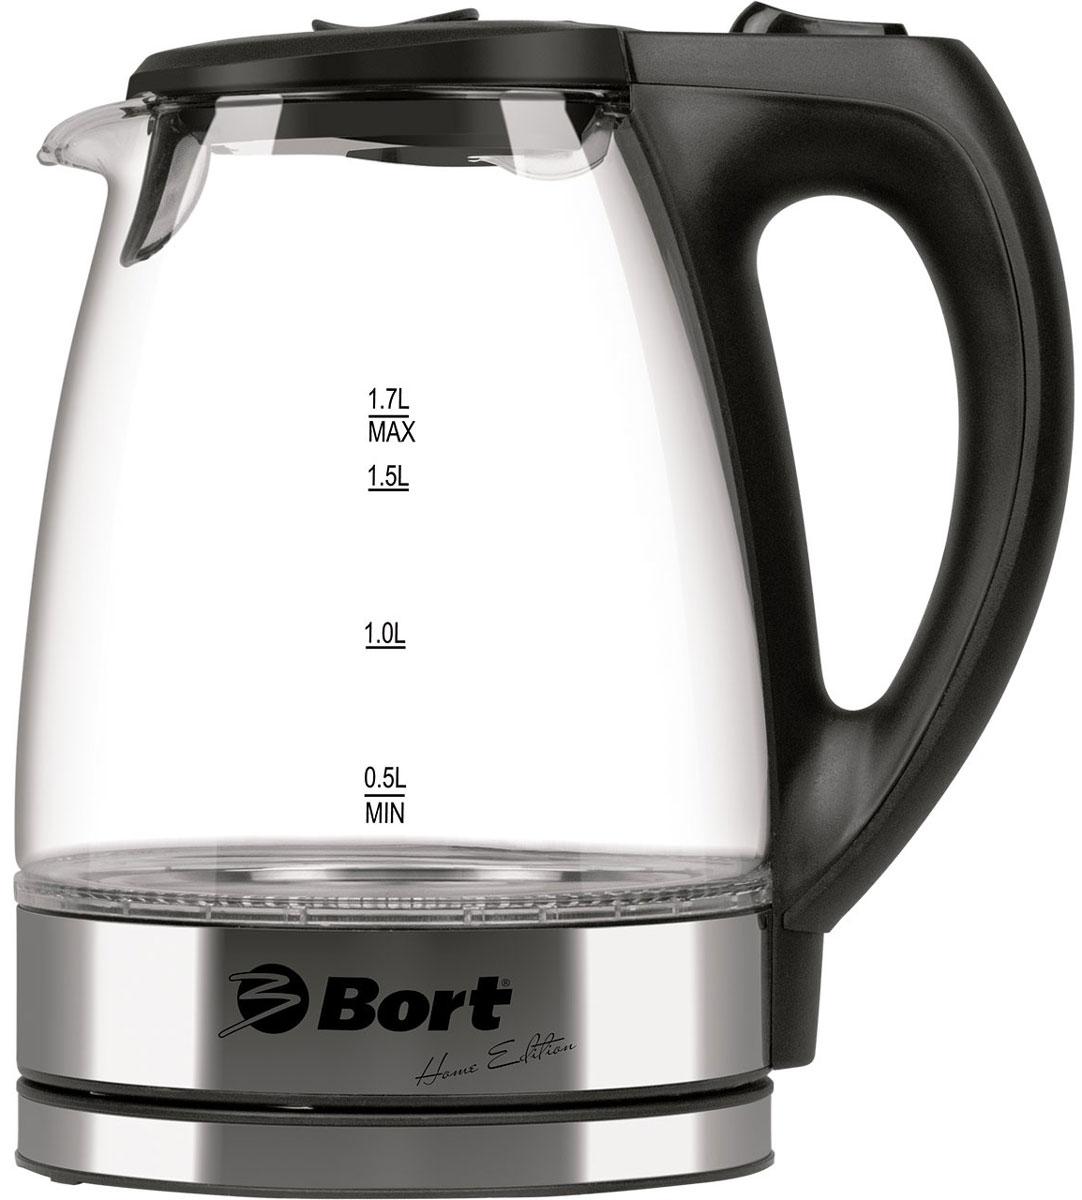 Bort BWK-2217G электрический чайник91276865Стеклянный чайник Bort BWK-2217G выгодно отличает не только интересный дизайн, который никого не оставит равнодушным, но и высокая мощность. Благодаря мощности 2200 Ватт закипание происходит гораздо быстрее , чем у других чайников. Корпус прибора выполнен из специального стекла, он идеально подходит для кипячения воды. Плоский нагреватель и сетчатый фильтр на крышке, облегчают процесс очистки. Подставка, поворачивающаяся на 360 градусов удобна в использовании.Длина кабеля: 0,5 м